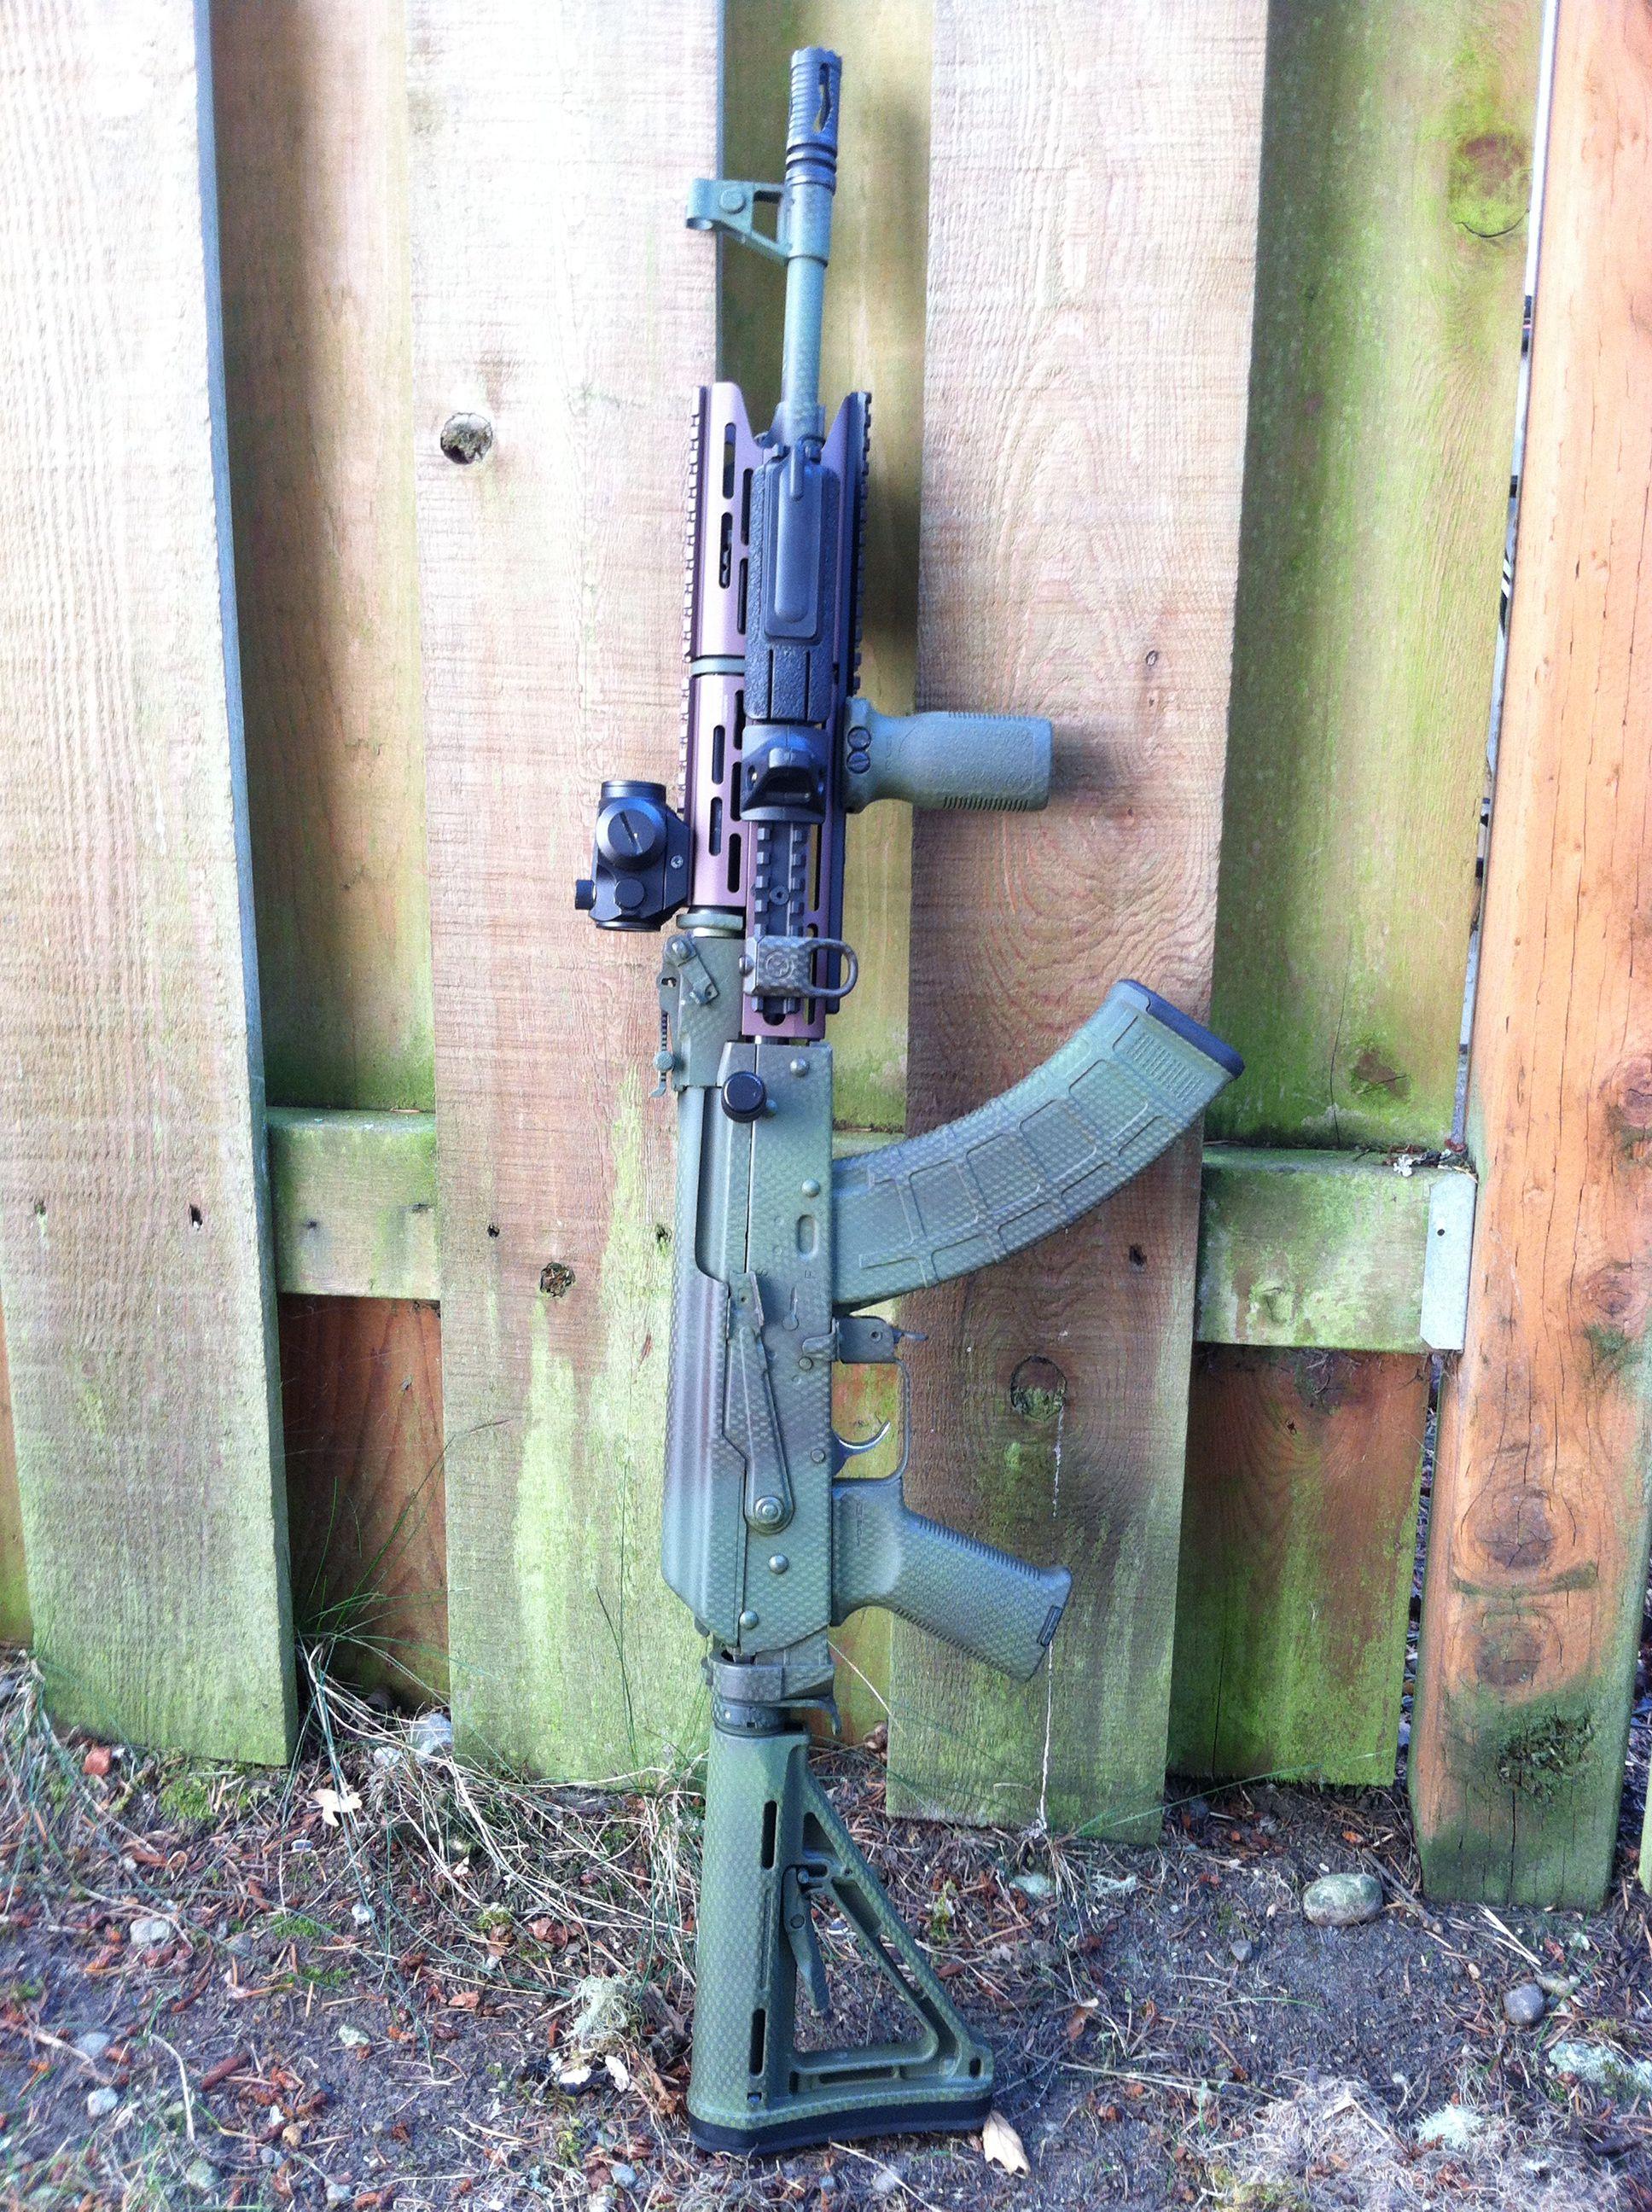 MAK-90 AK47 Variant, Strike Industries TRAX Combo Keymod